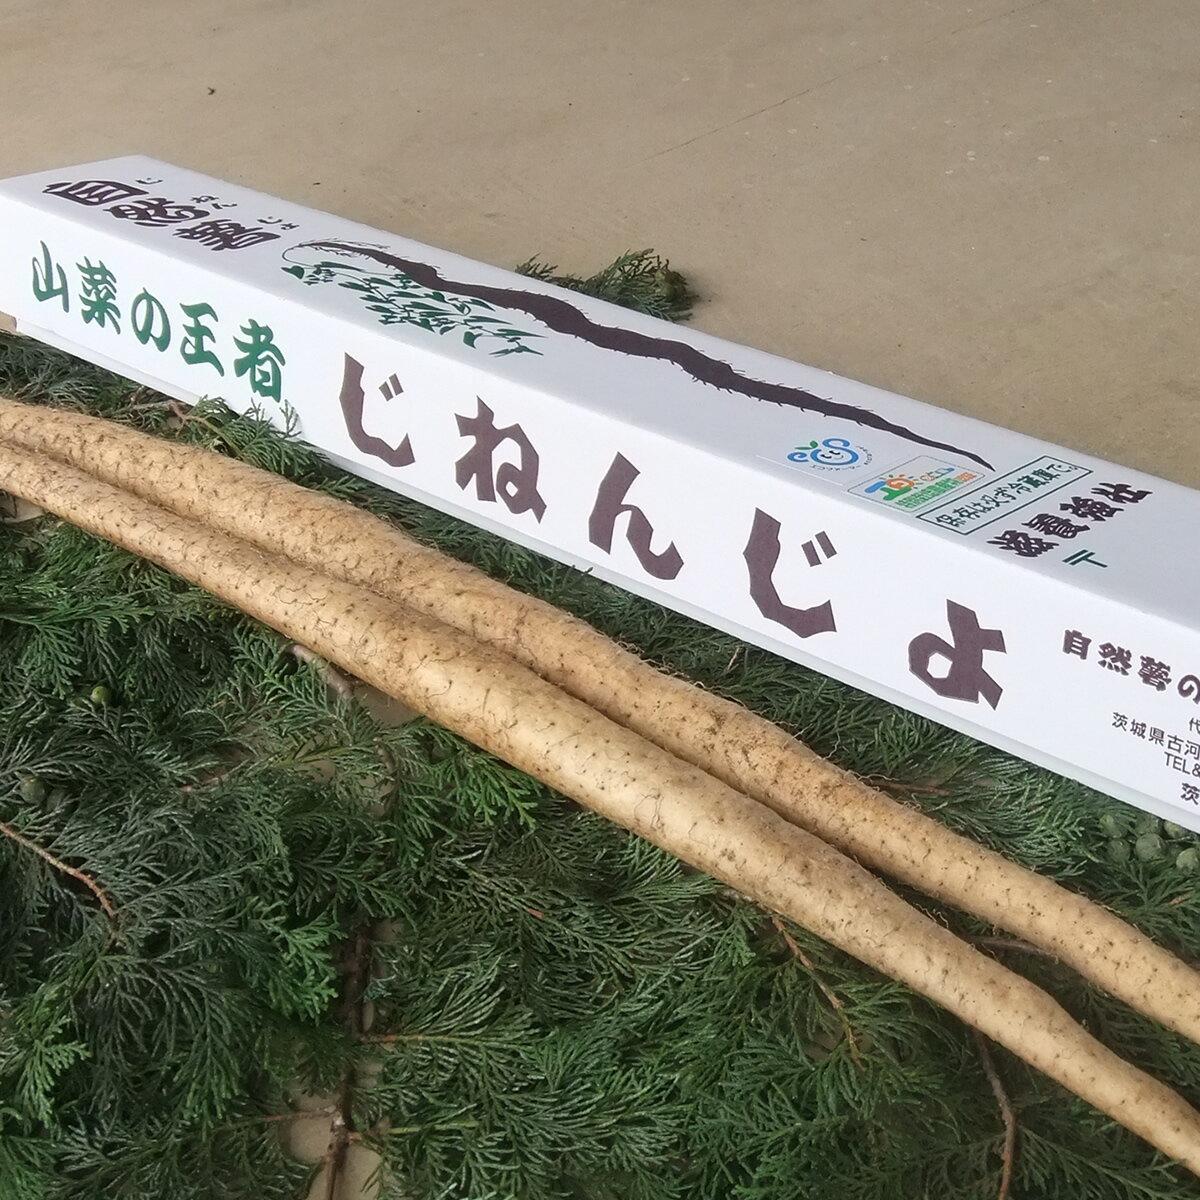 【ふるさと納税】《お歳暮》「エコファーマー・特別栽培農産物認証農家」荒井さんが育てた自然薯 1.3kg